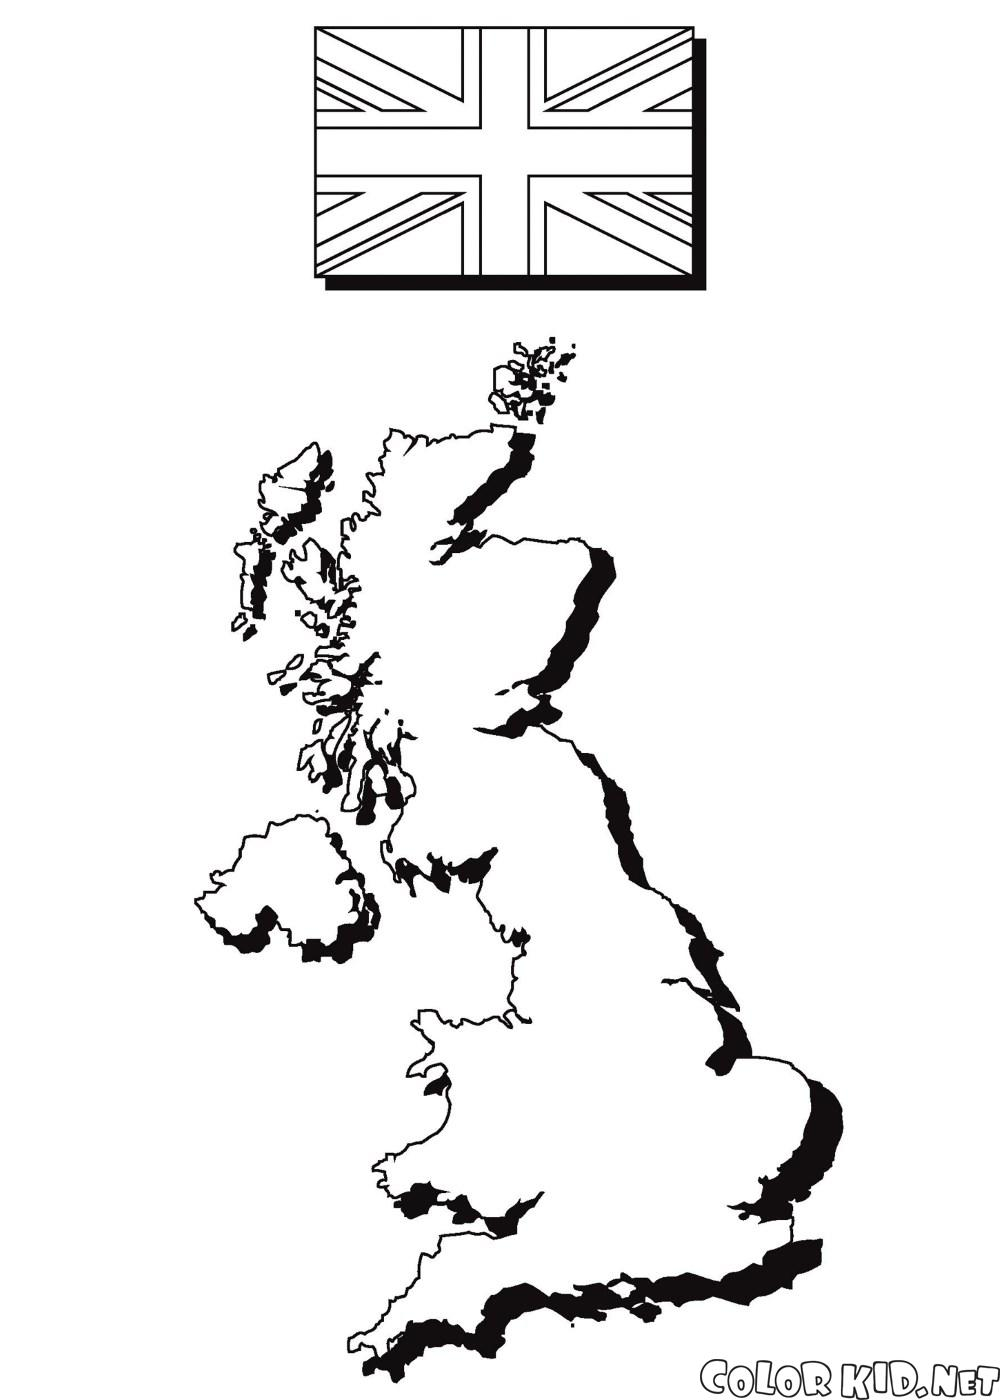 Die Karte und die Flagge von England